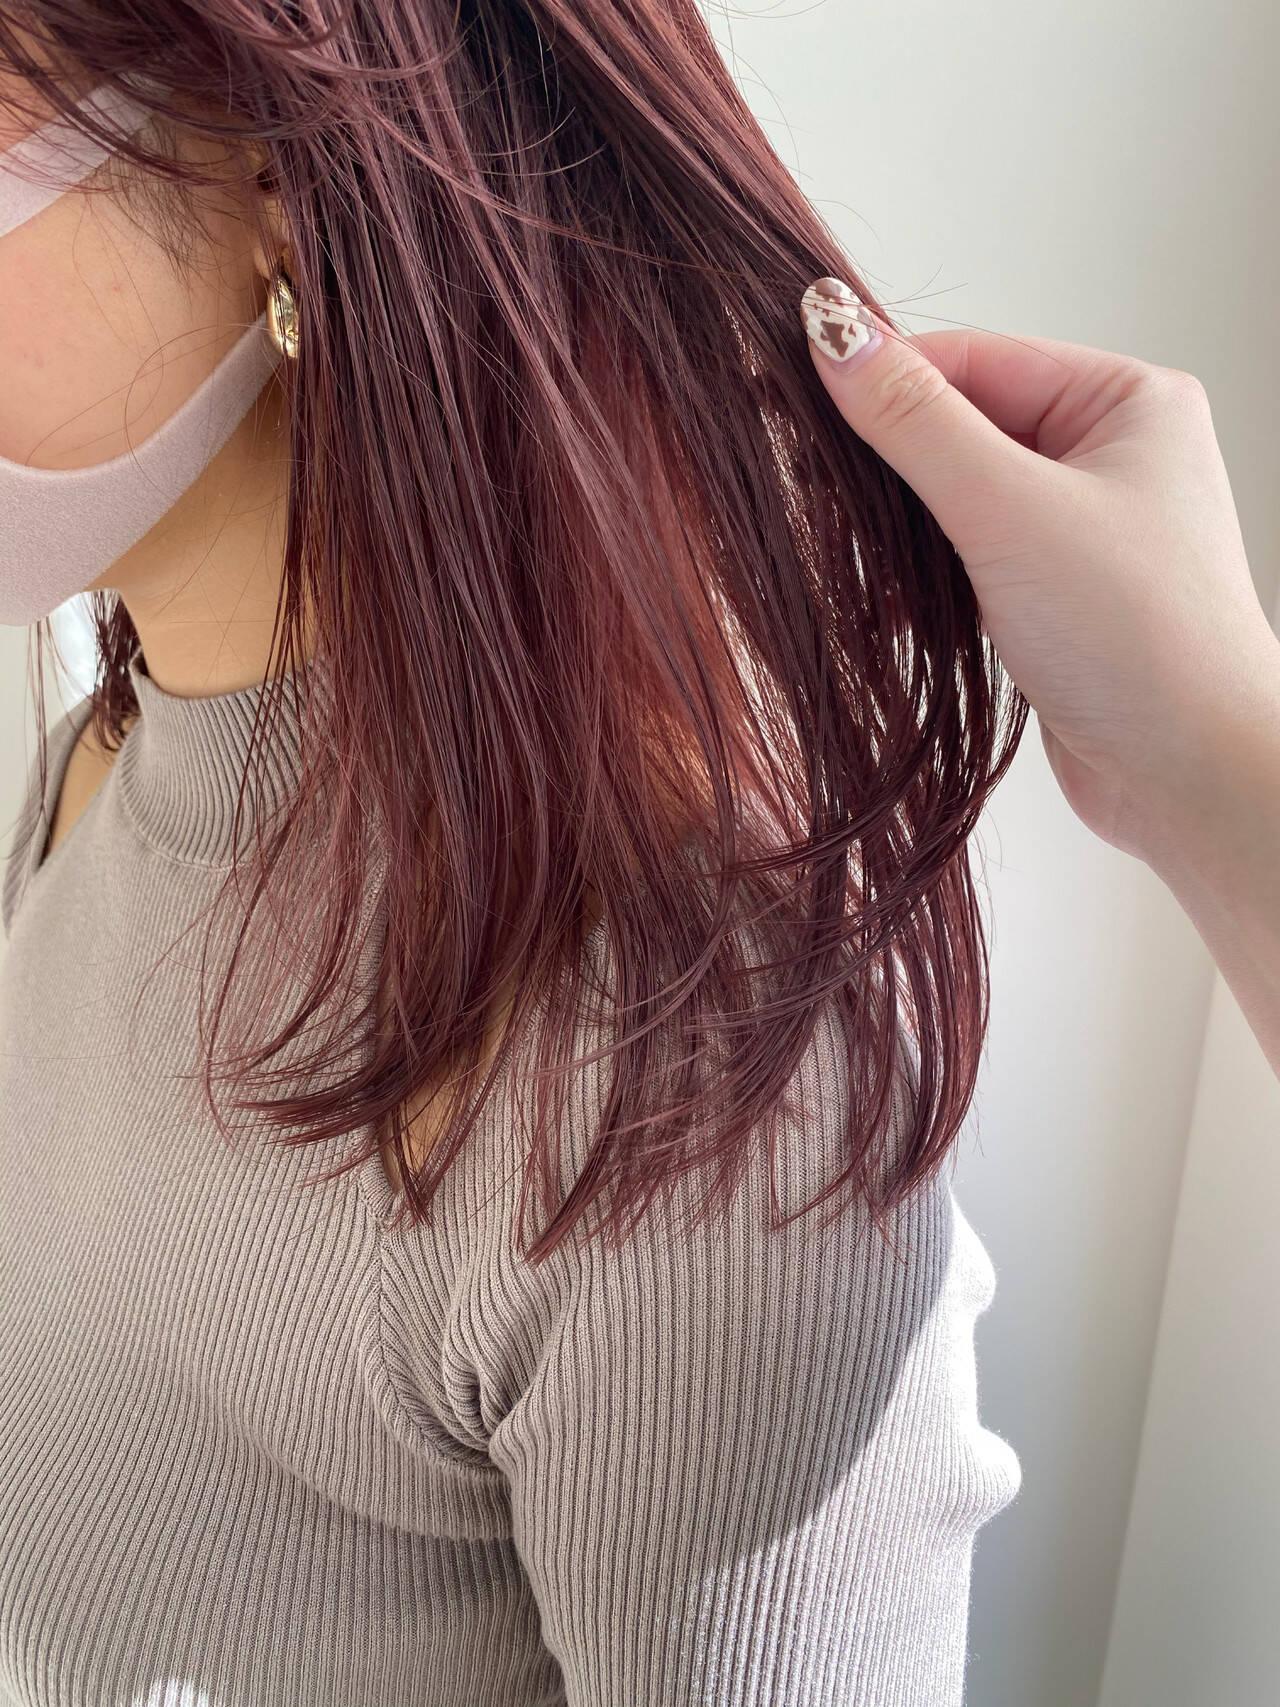 ベリーピンク セミロング ストリート ハイトーンカラーヘアスタイルや髪型の写真・画像